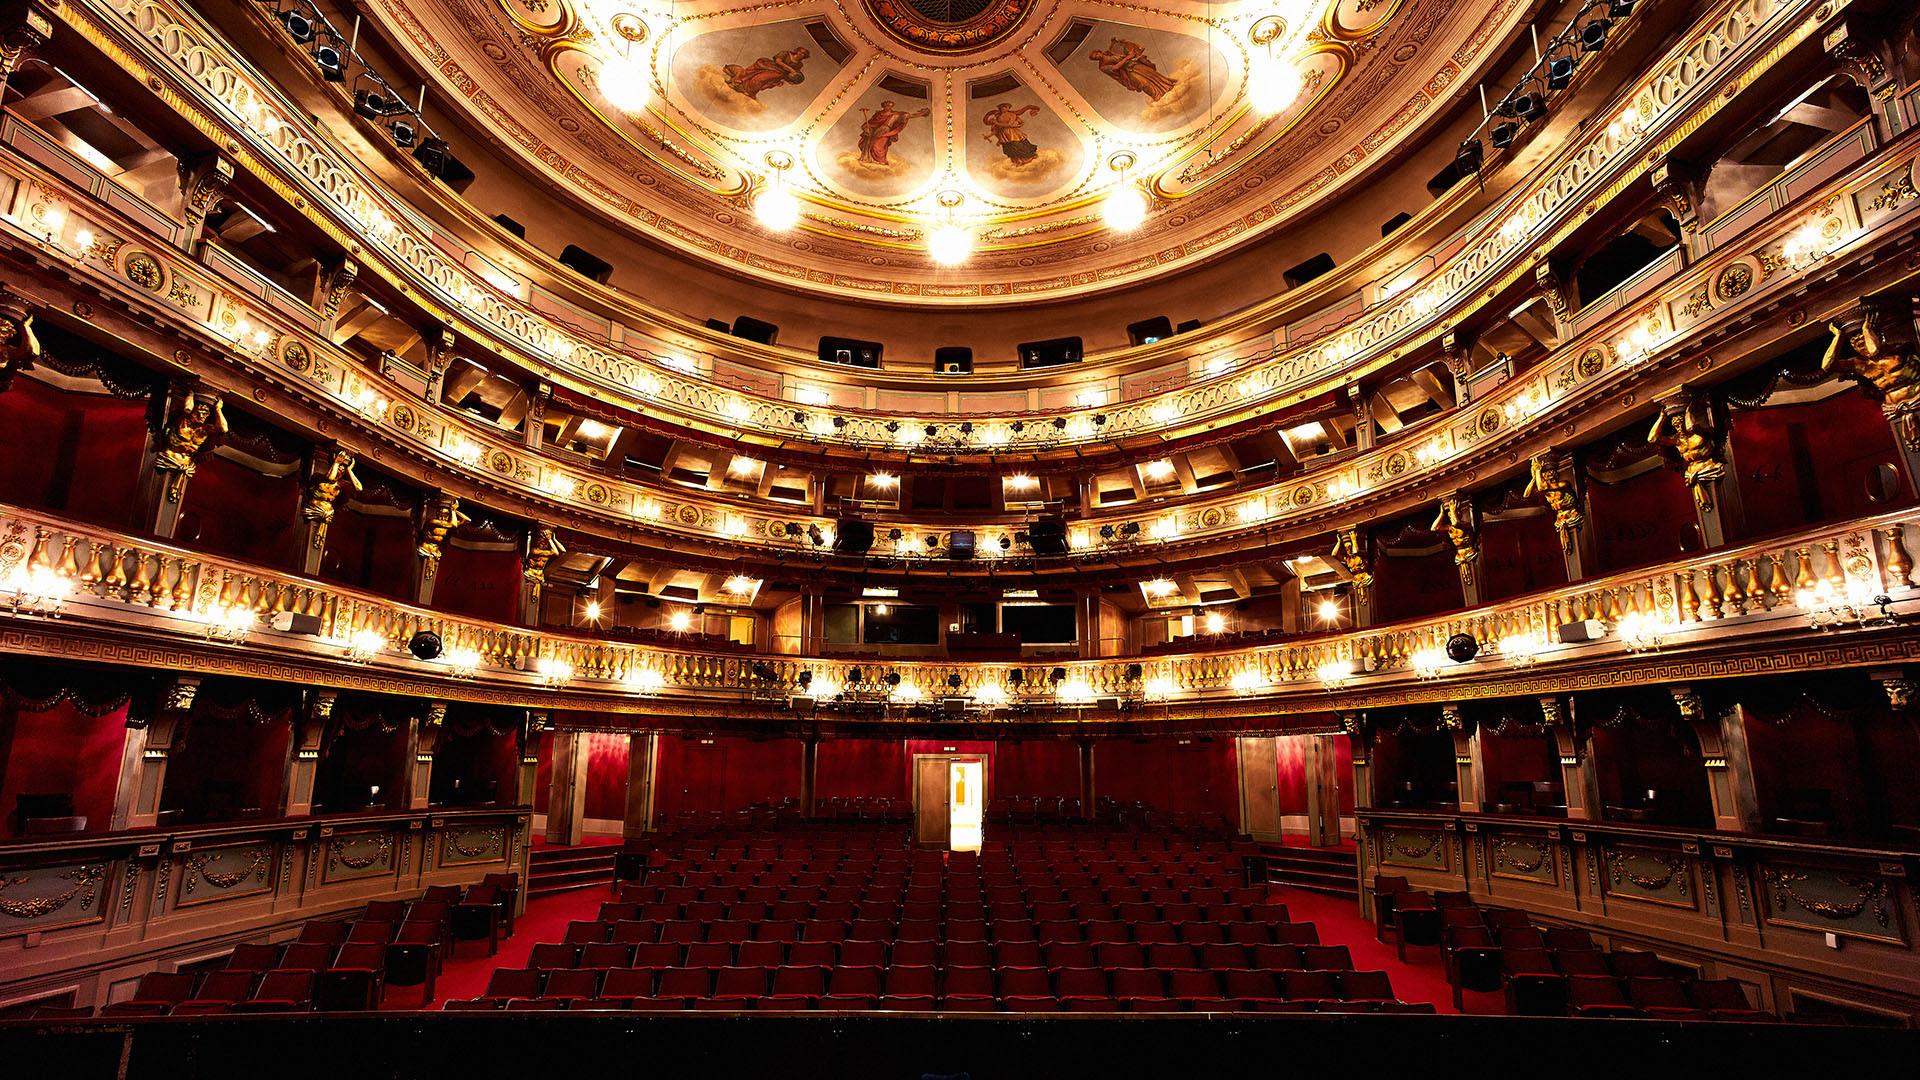 Theater_L1007581_s